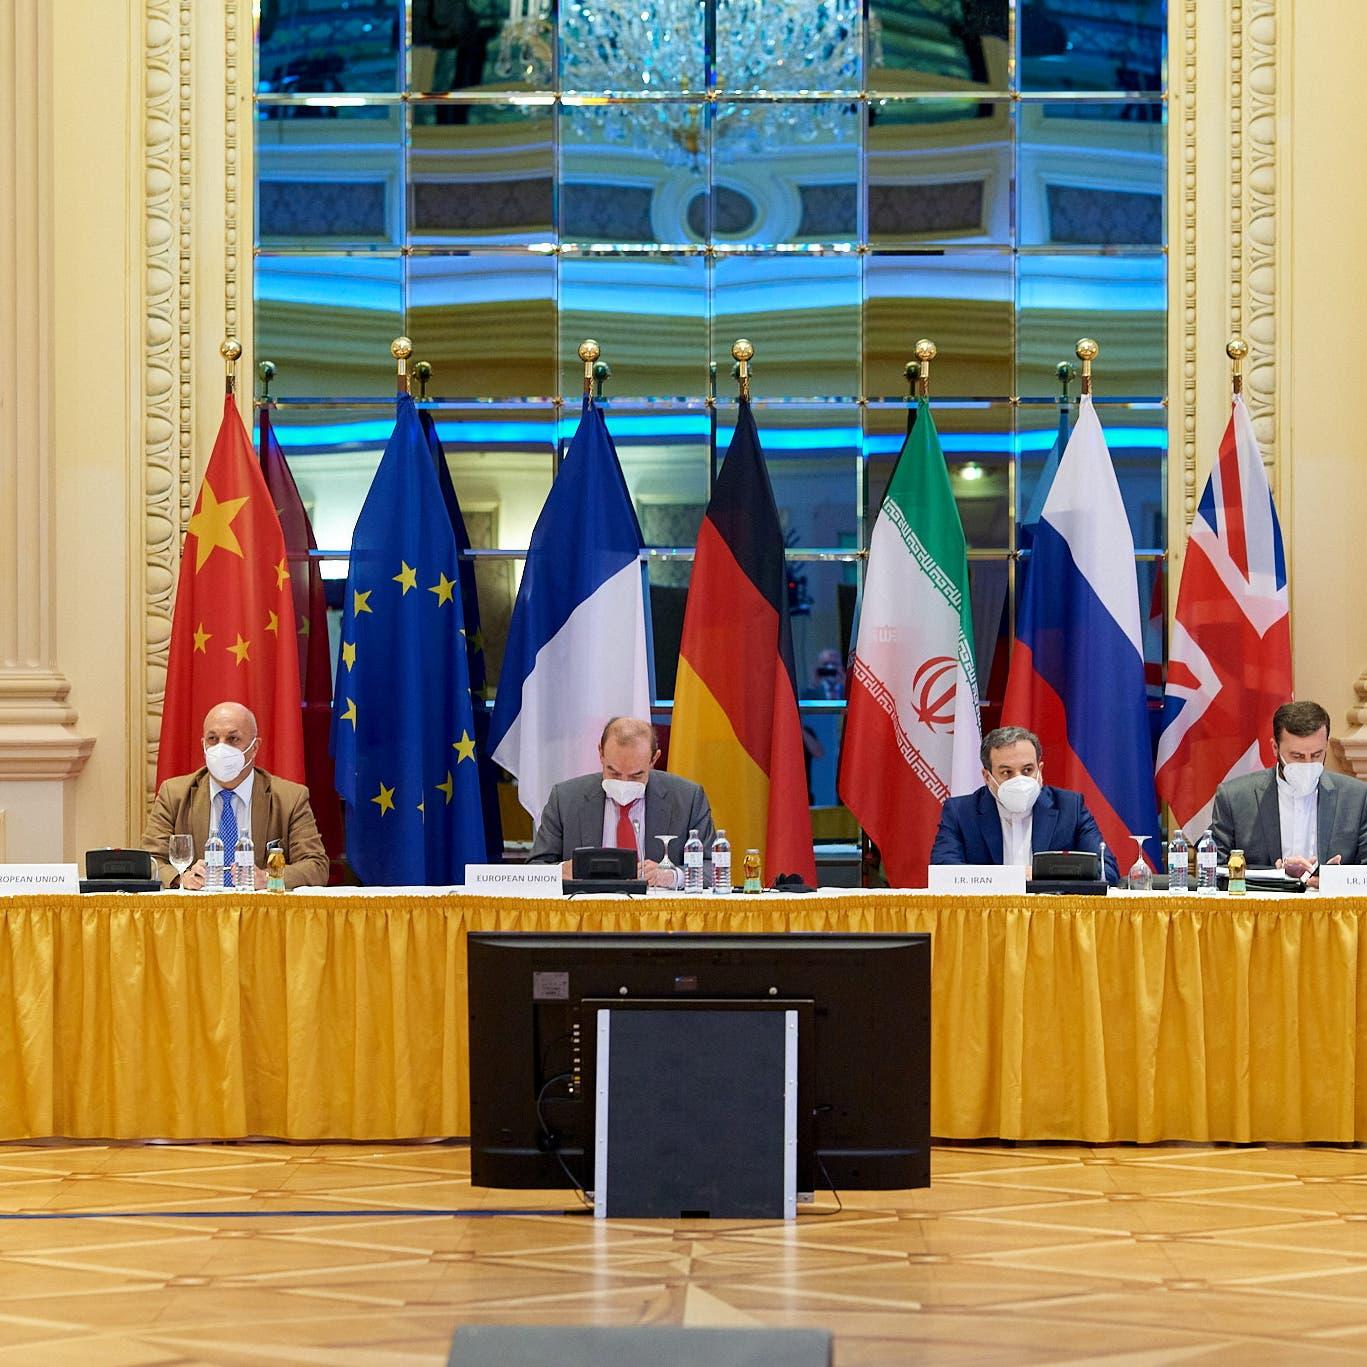 روسيا لإيران: يجب استئناف مفاوضات النووي بأسرع وقت